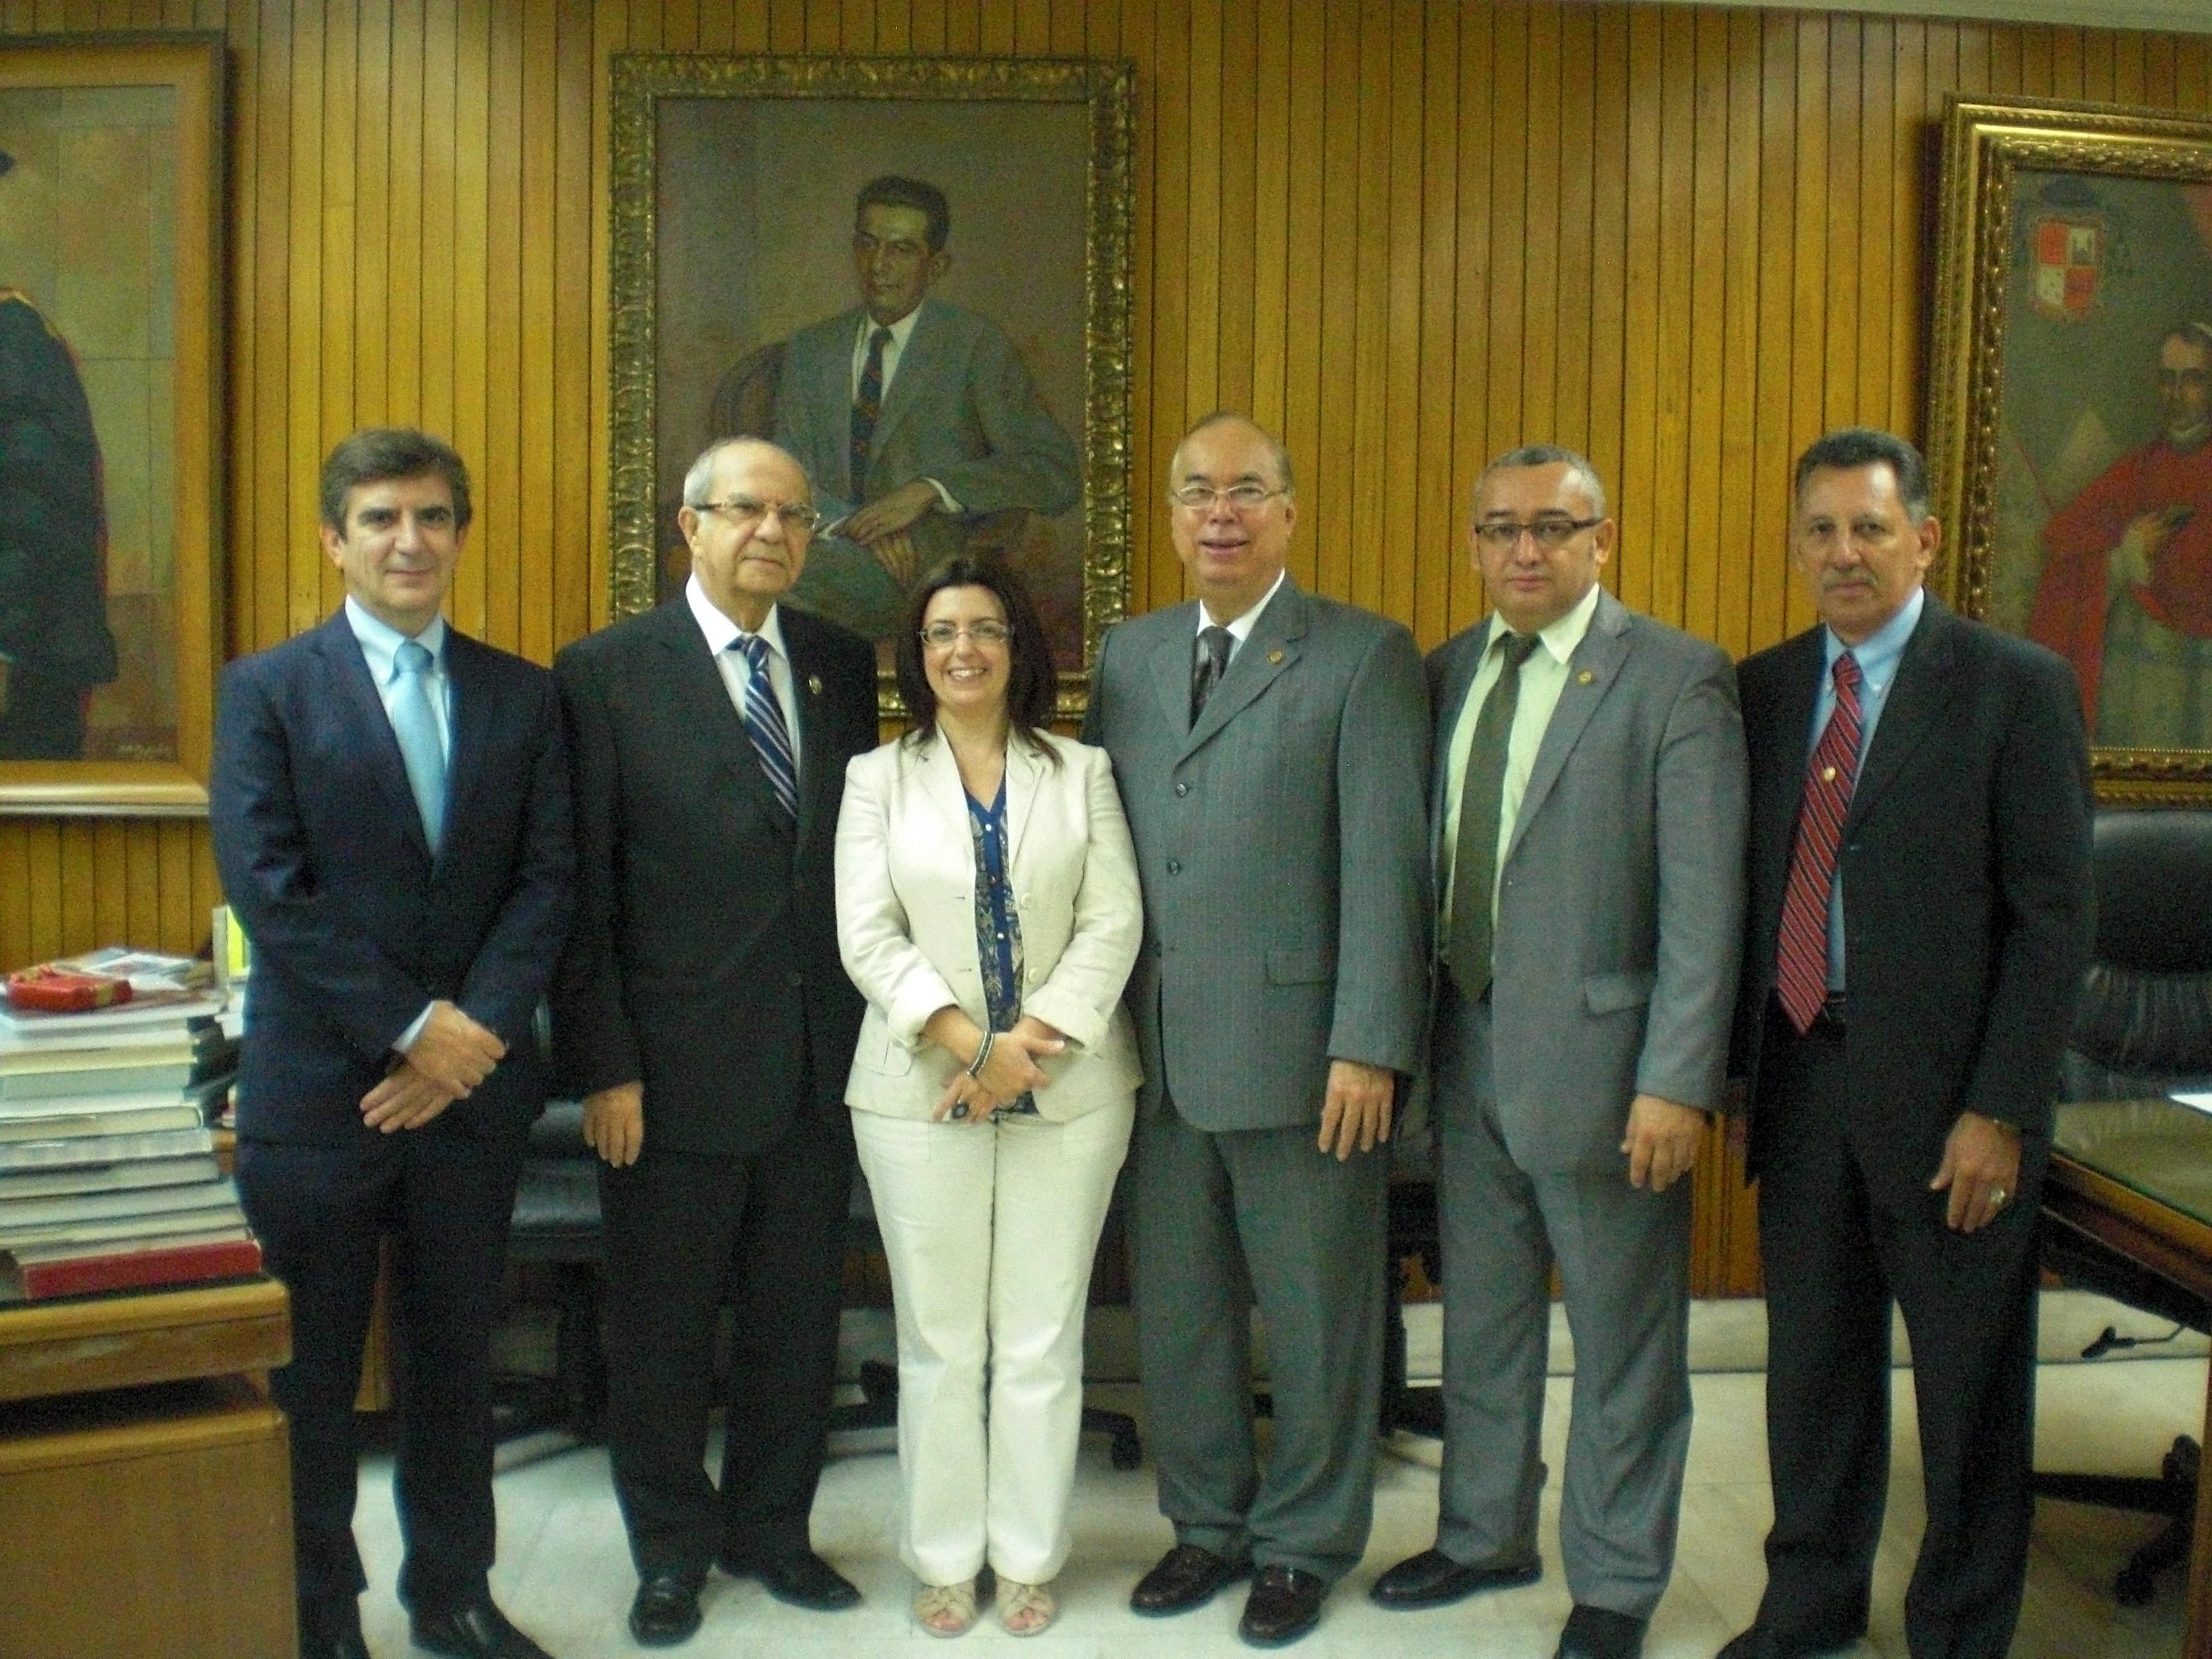 Las universidades de Salamanca y de Panamá estudian el desarrollo de un programa de intercambio de estudiantes de doctorado